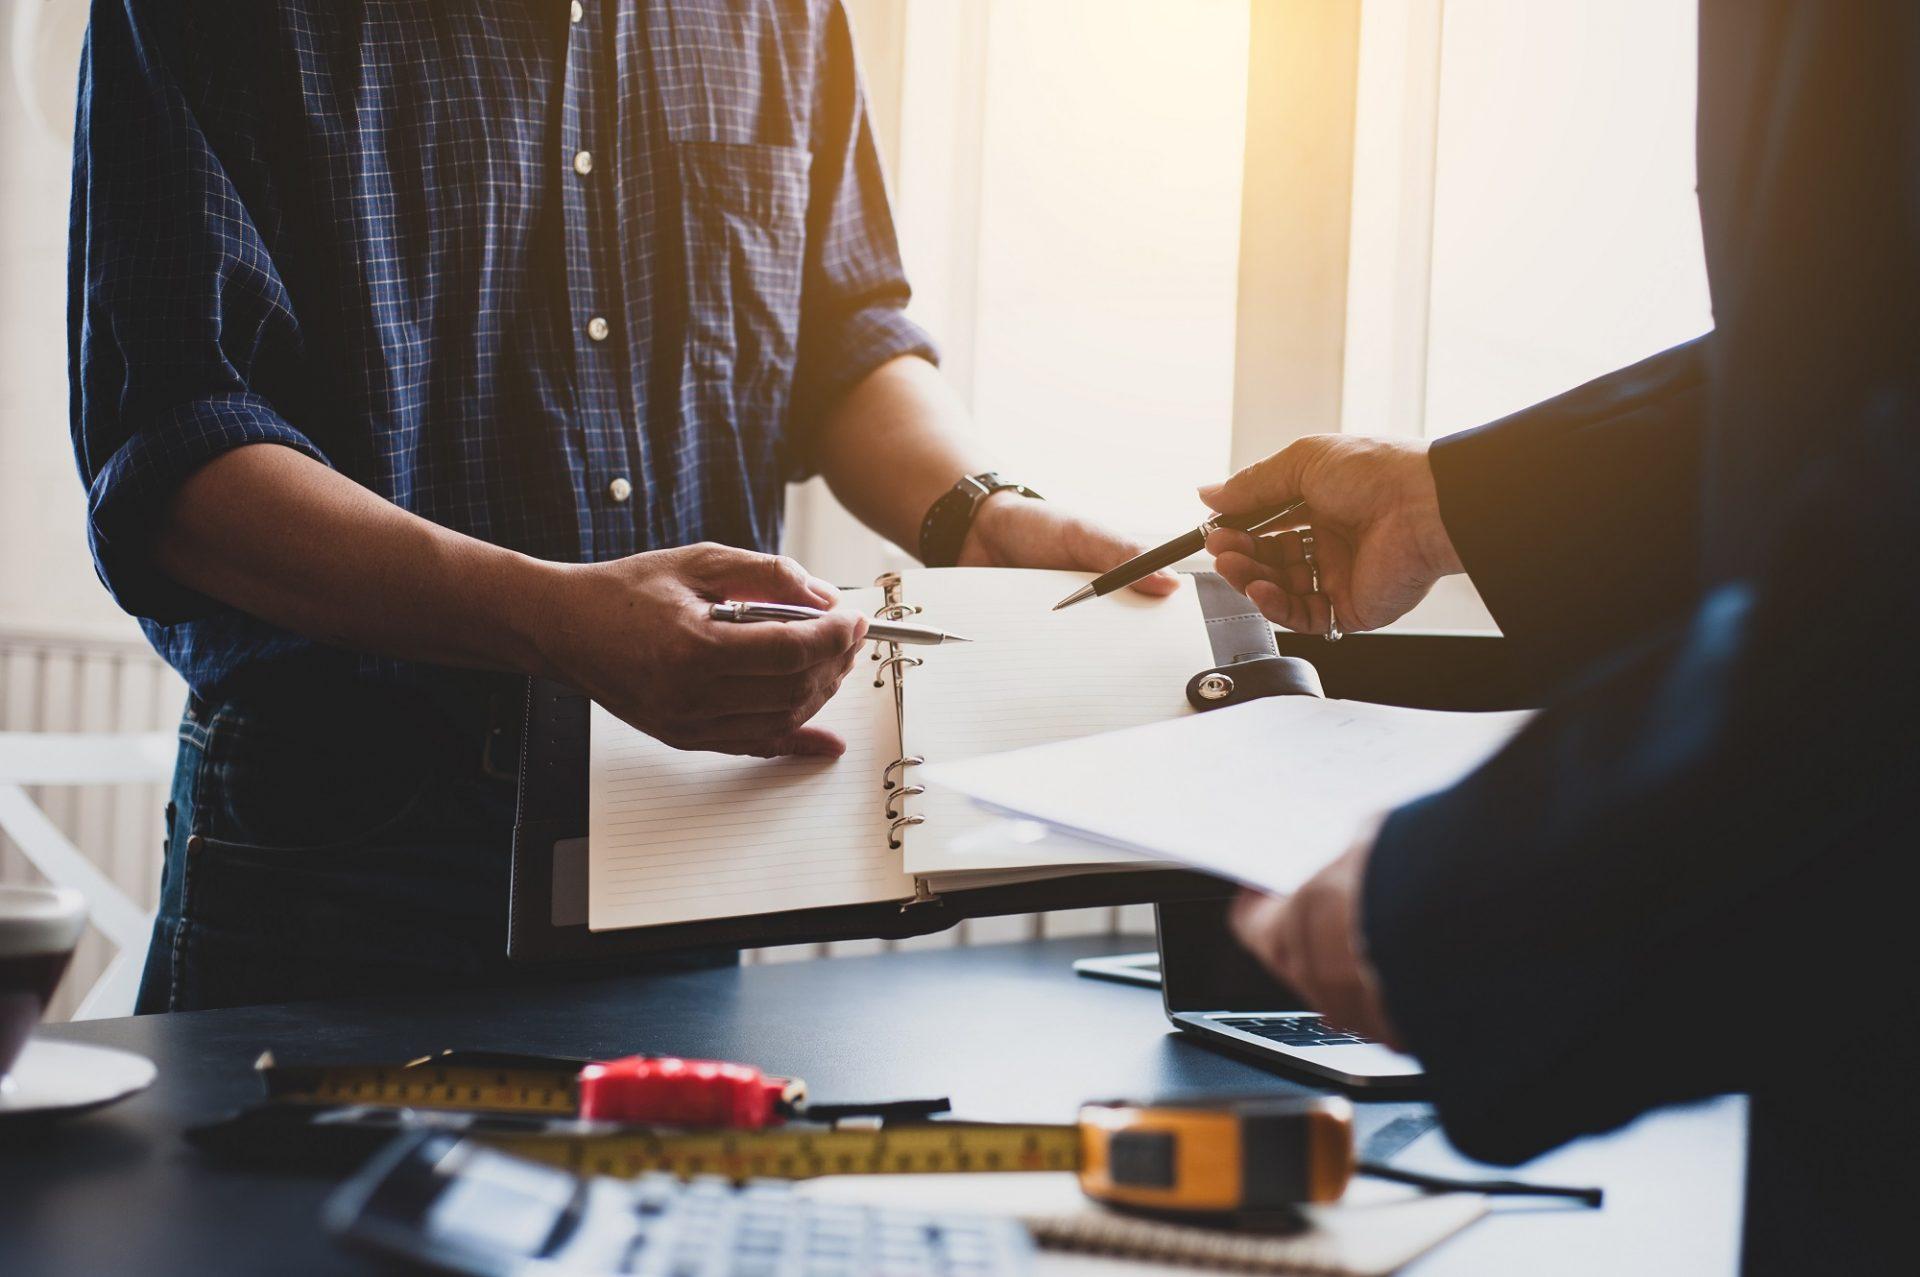 Prečo je dobré pri realizácii striech komunikovať s odborníkmi?